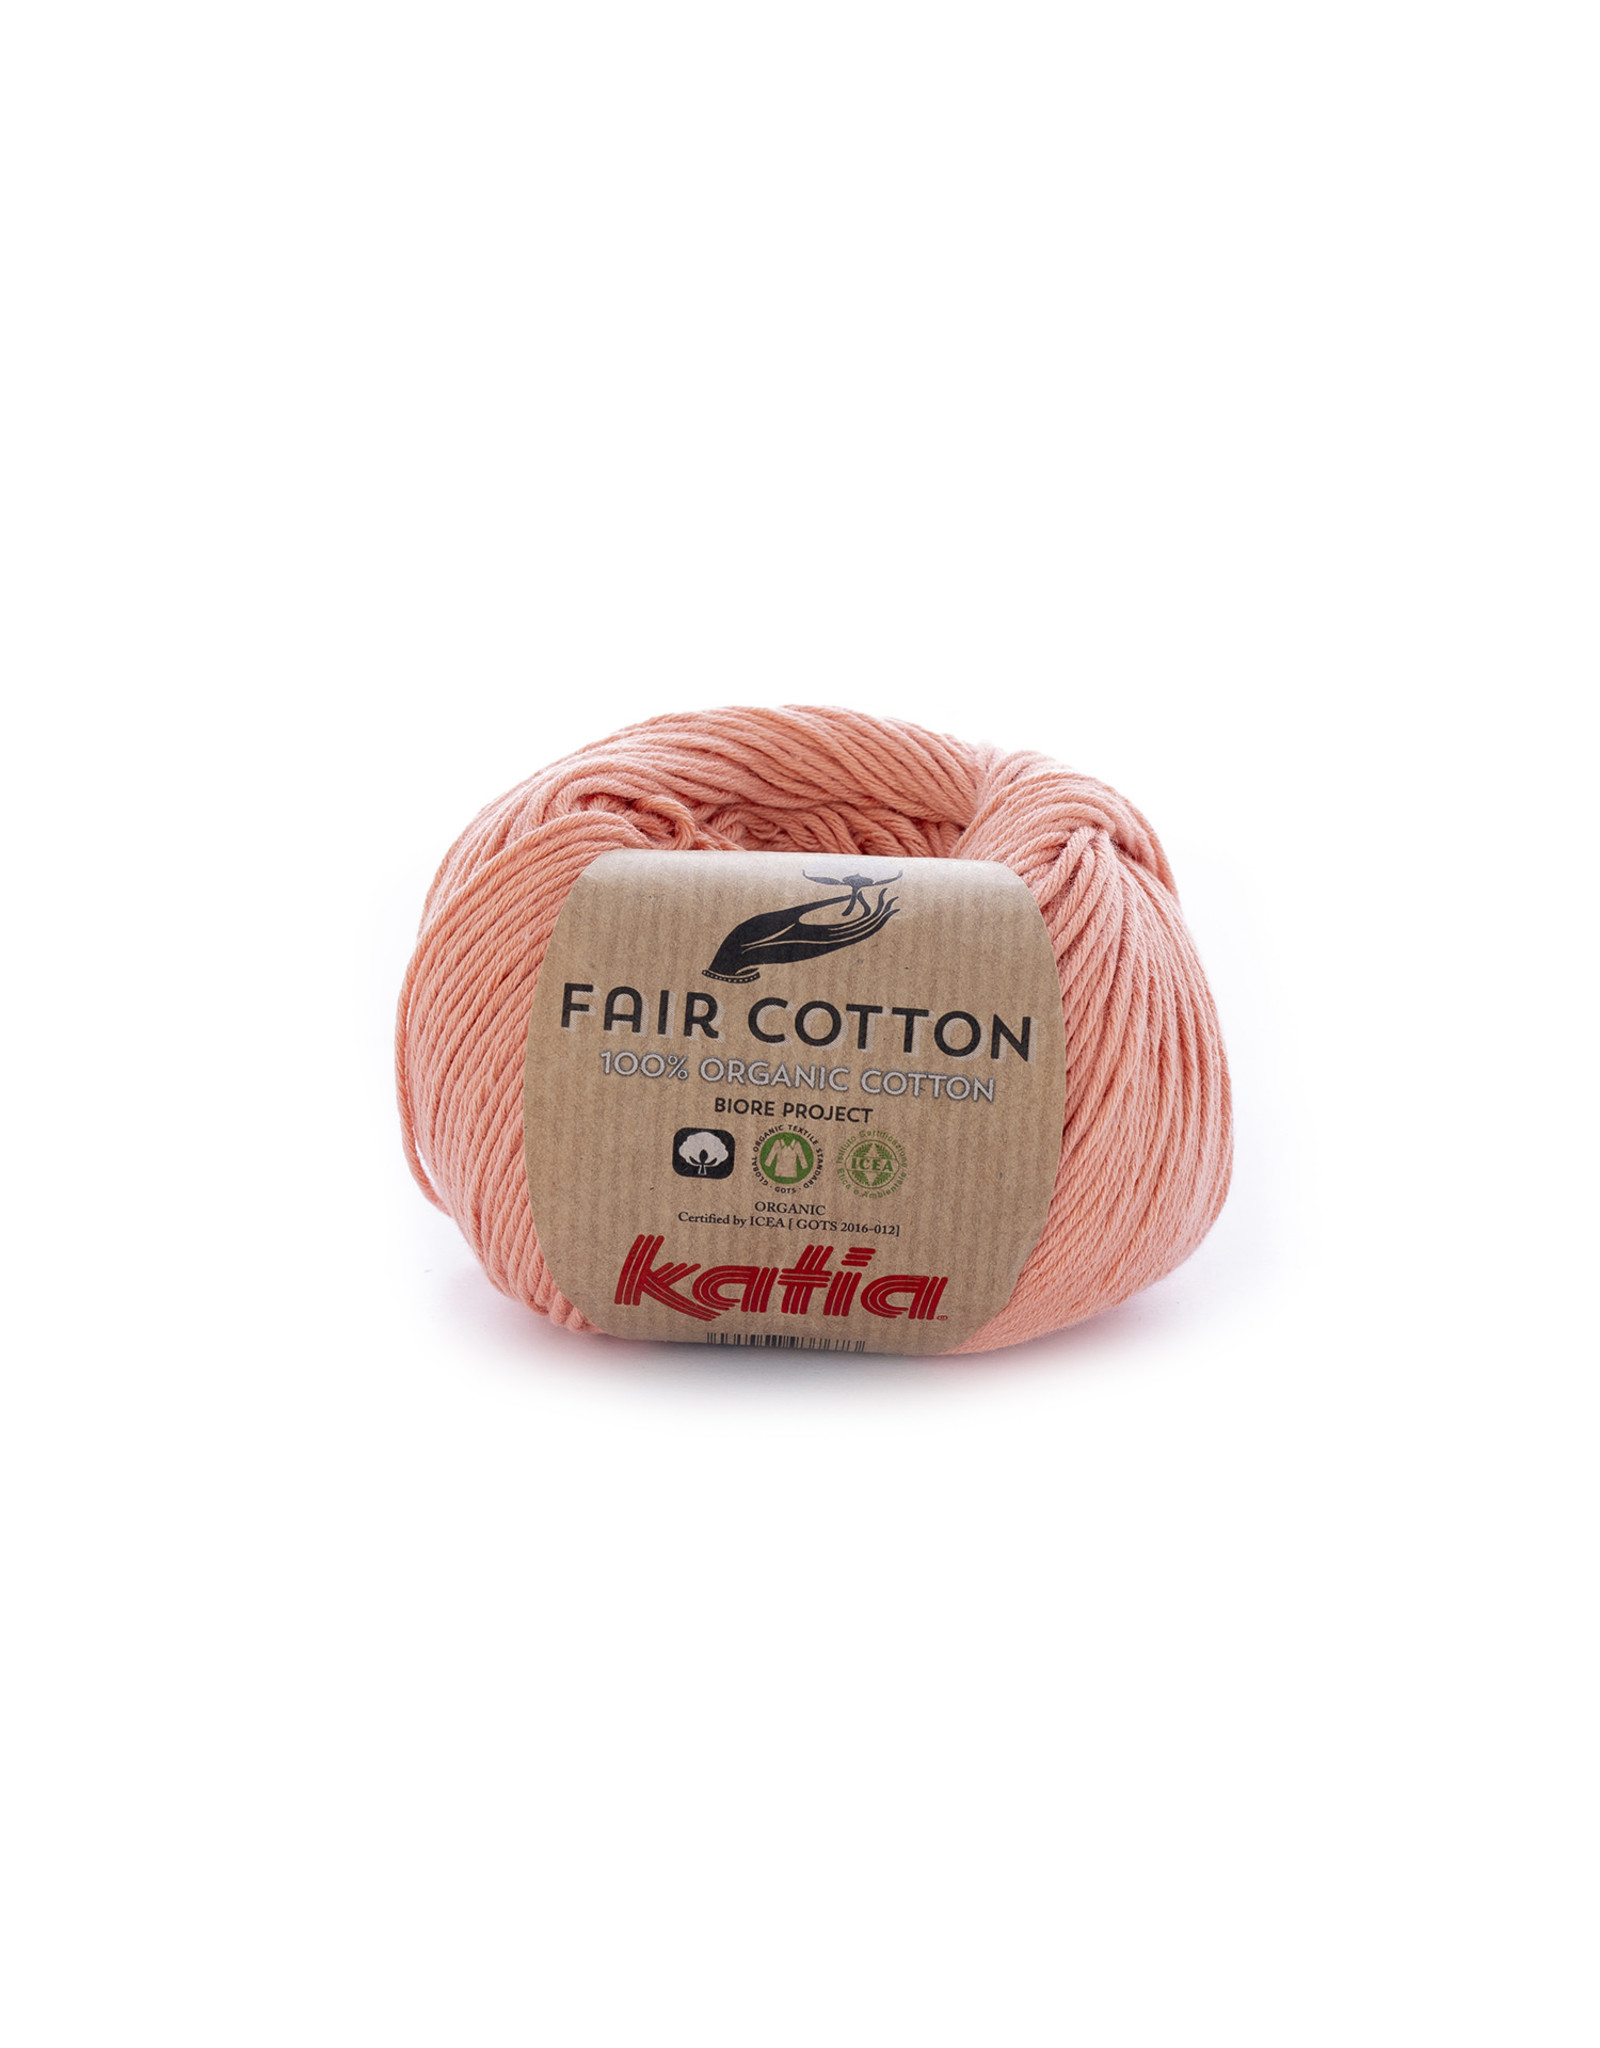 Katia Katia Fair Cotton  28 - licht zalmoranje - - 50 gr. - 100% biol. katoen